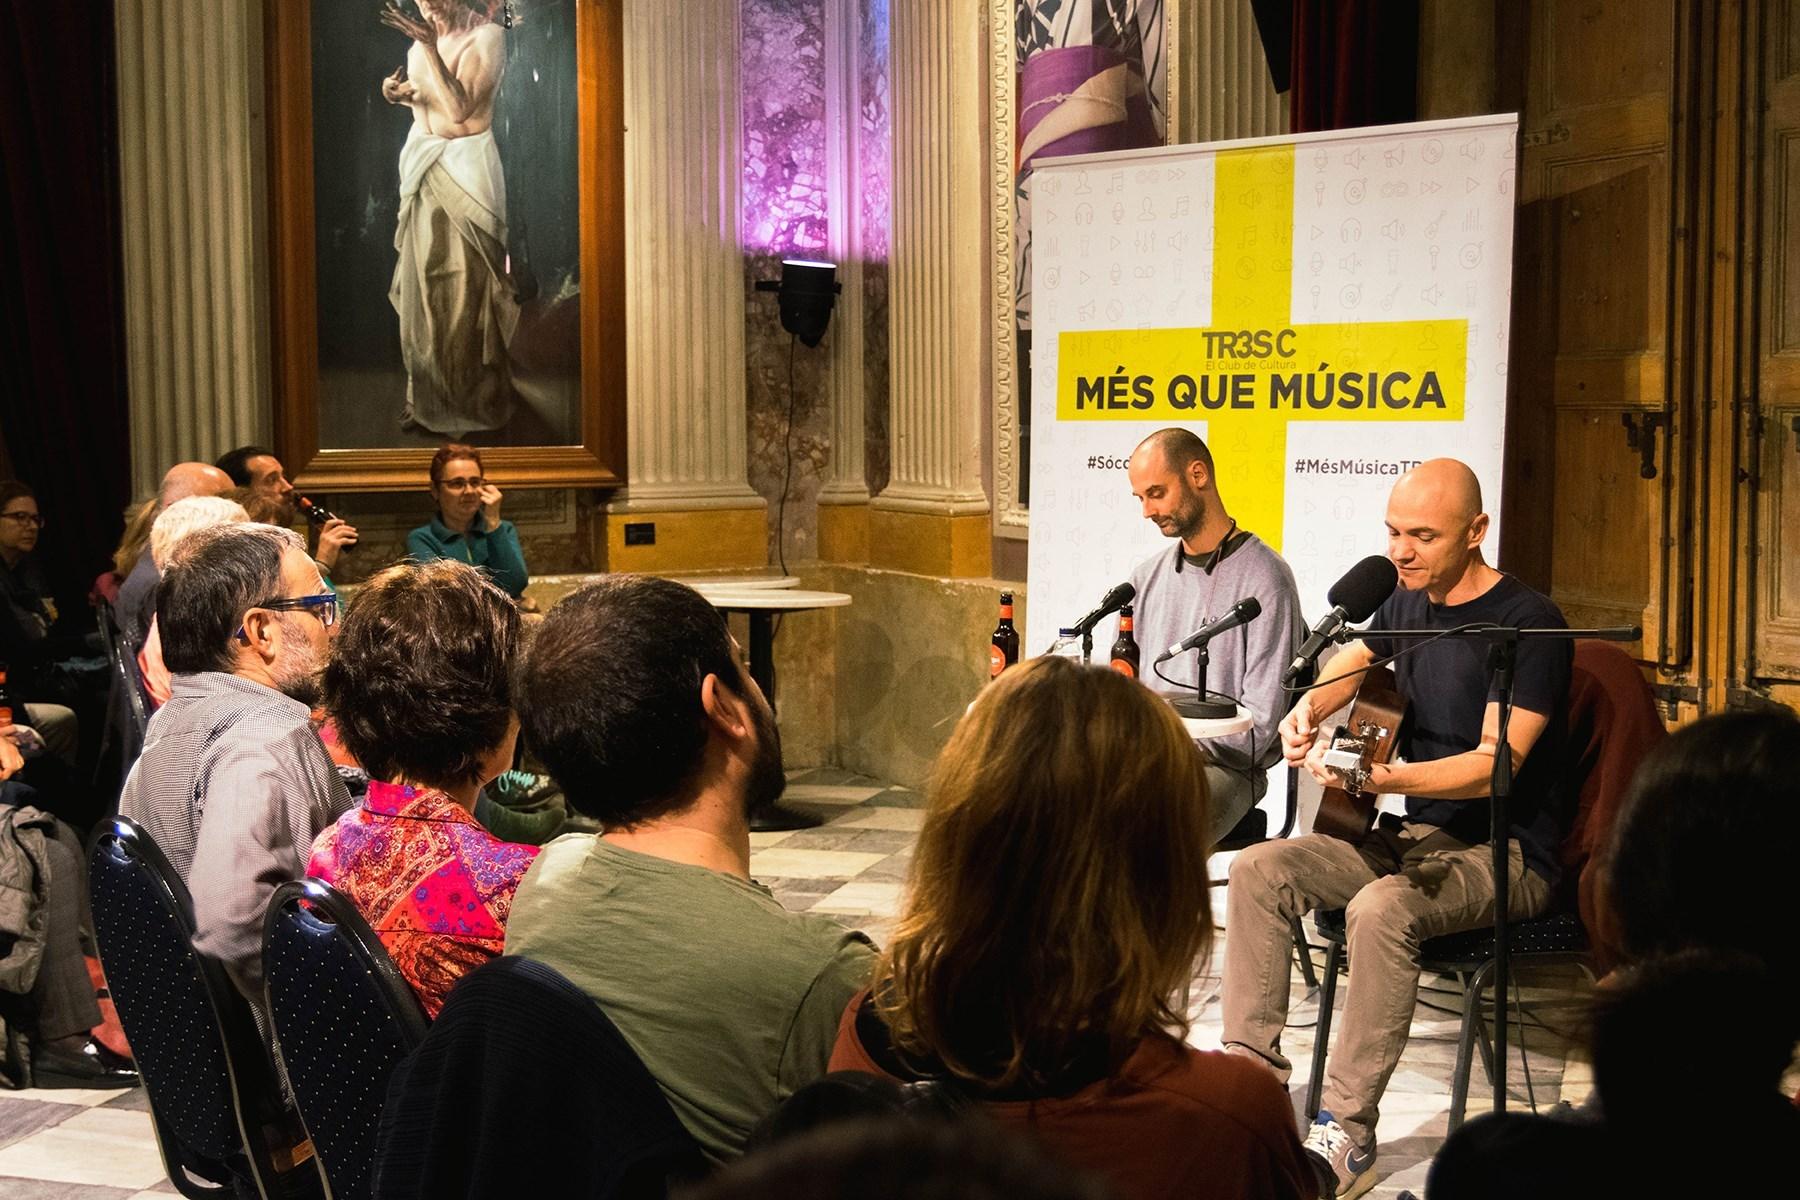 #MésQueMúsica amb Marc Parrot